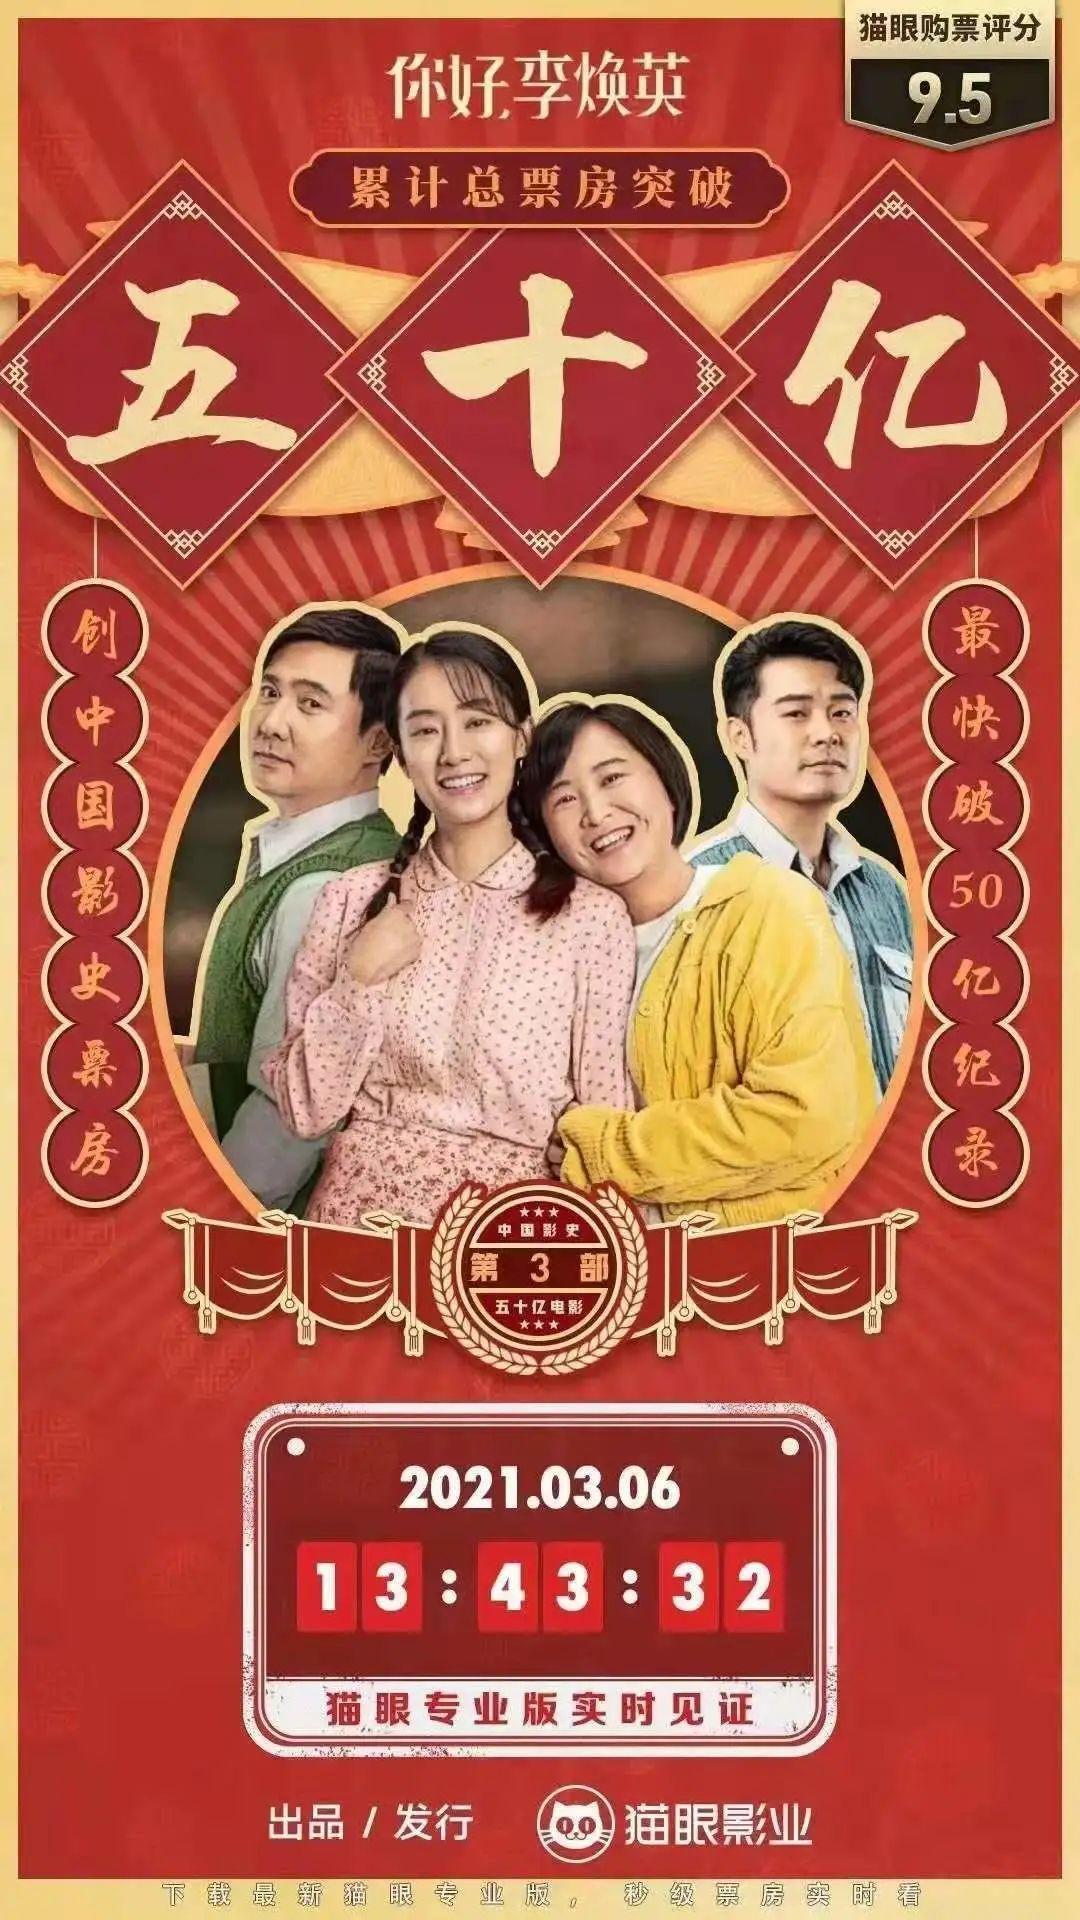 电影《你好,李焕英》占尽了天时、地利与人和成为中国影史票房亚军 (1)